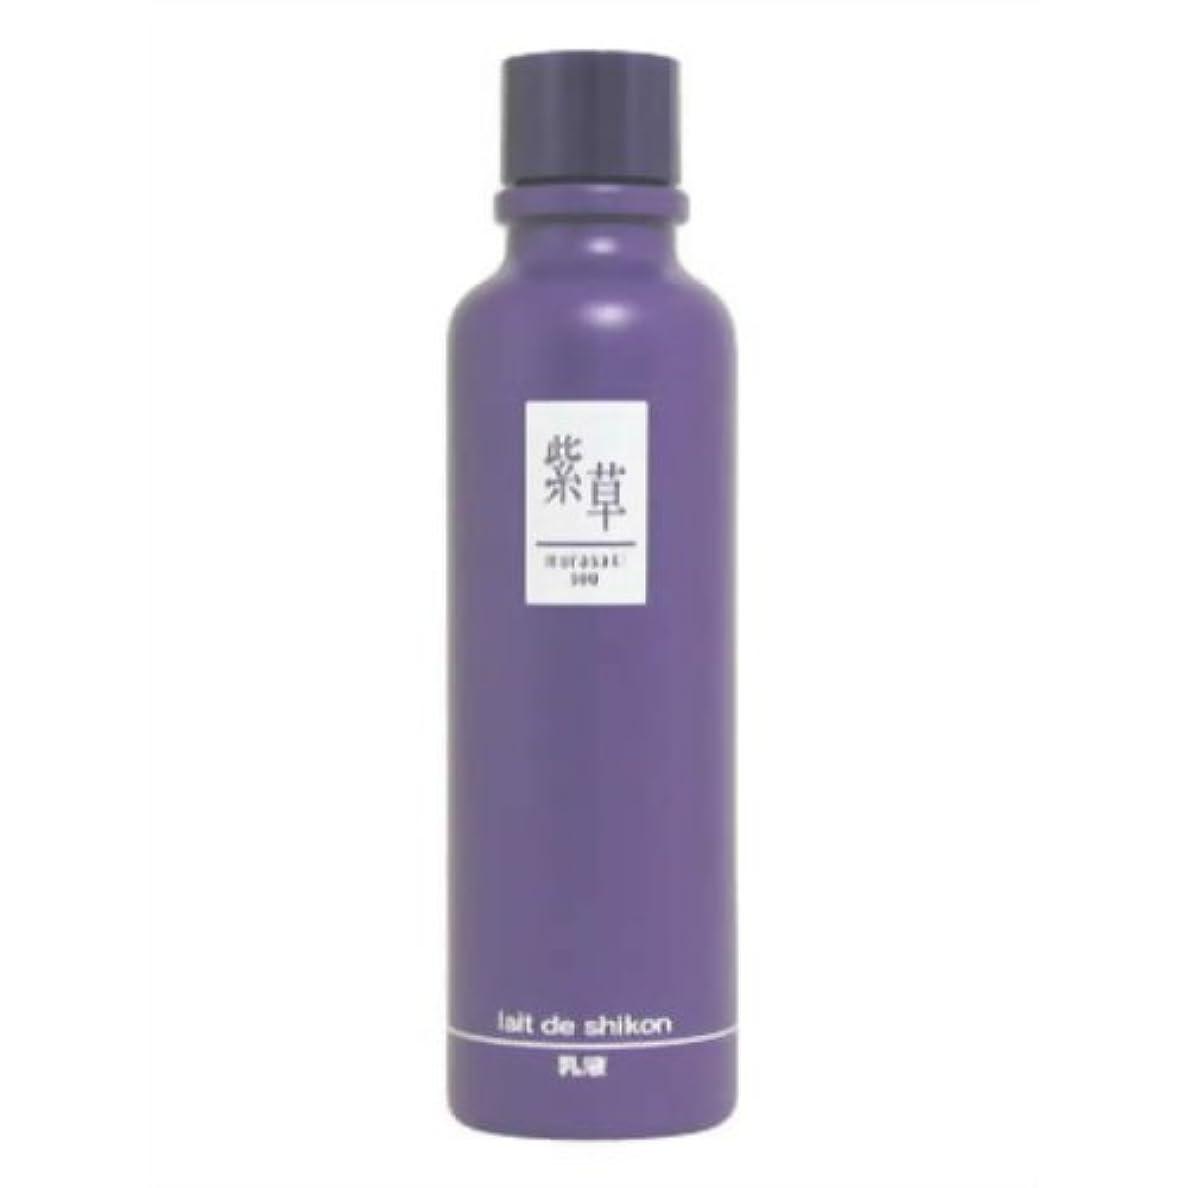 広範囲グリルストリーム紫草 レーデシコン(乳液) 120ml